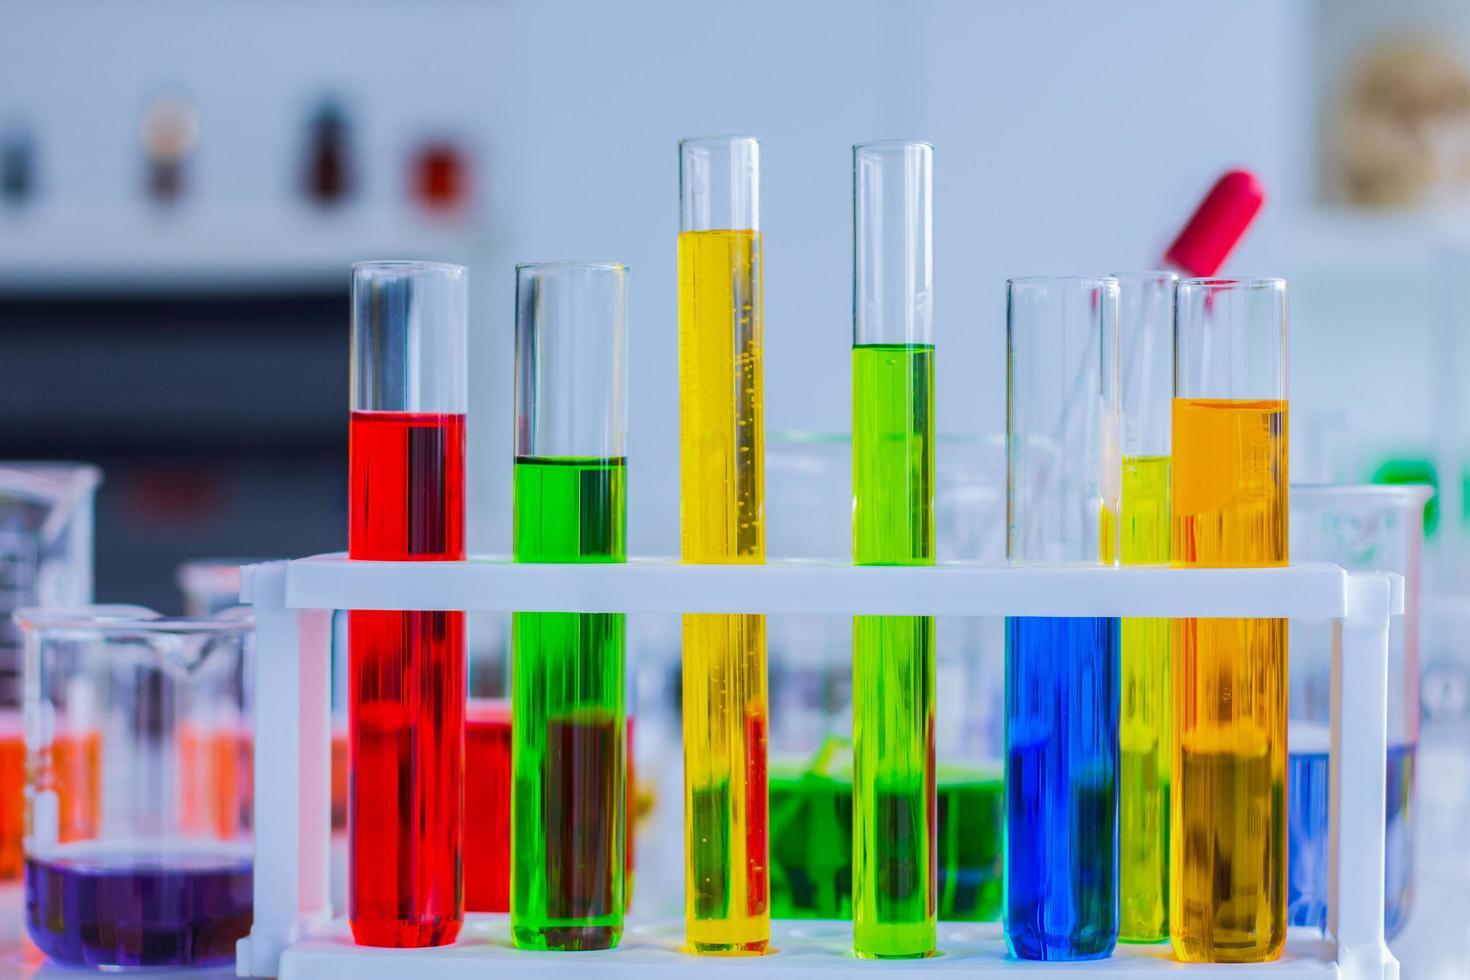 kleurrijke reageerbuizen in een laboratorium foto